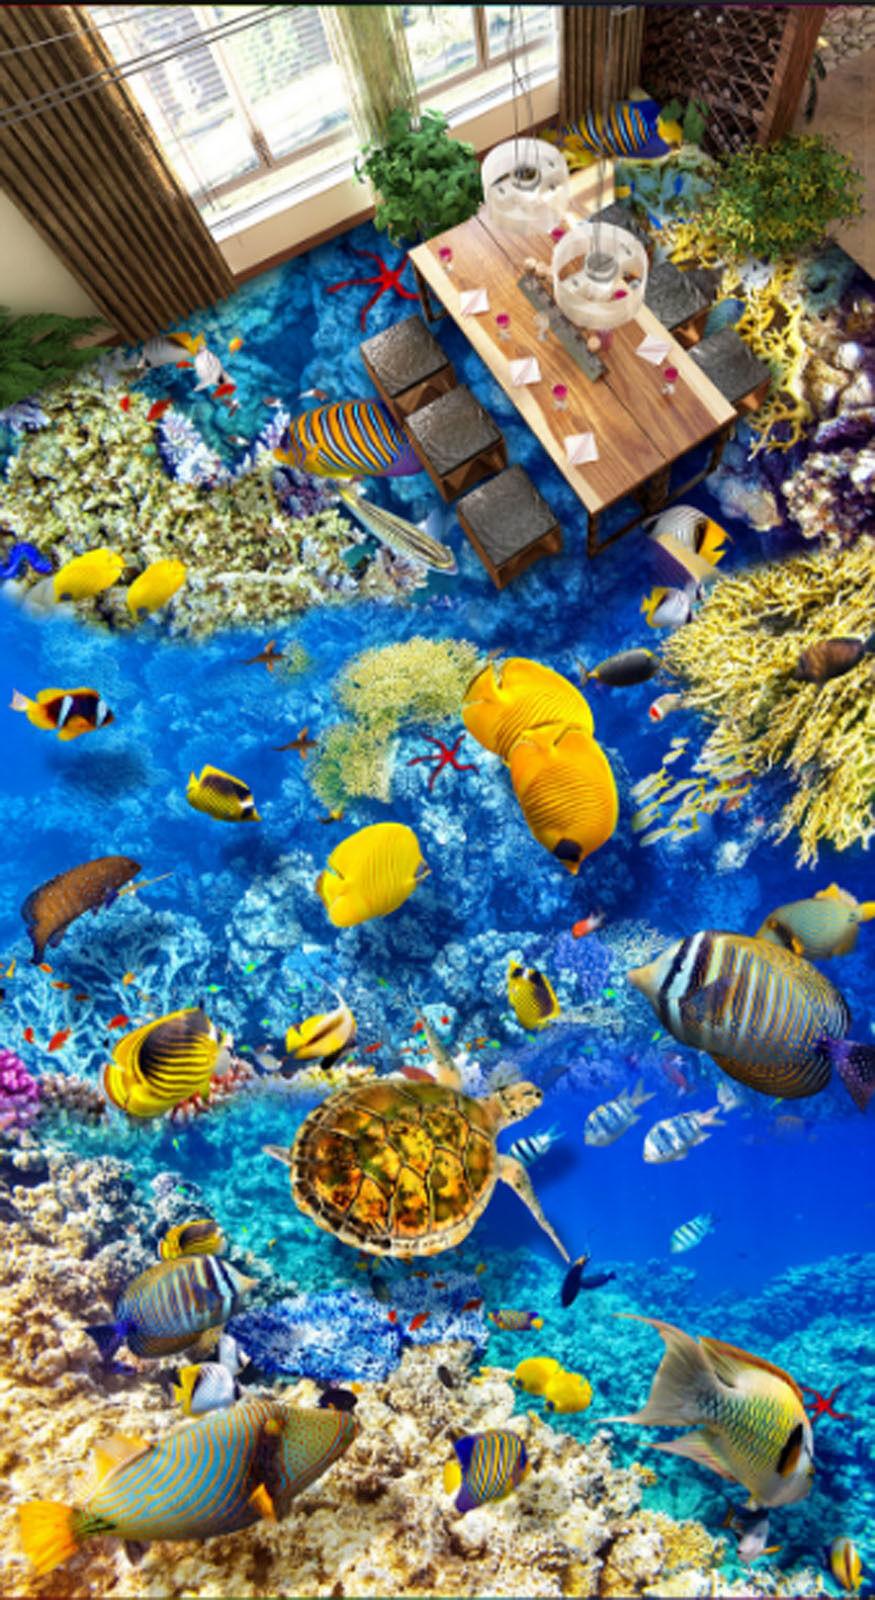 3D Ocean Fish 4257 Floor WallPaper Murals Wallpaper Mural Print AJ AU Lemon